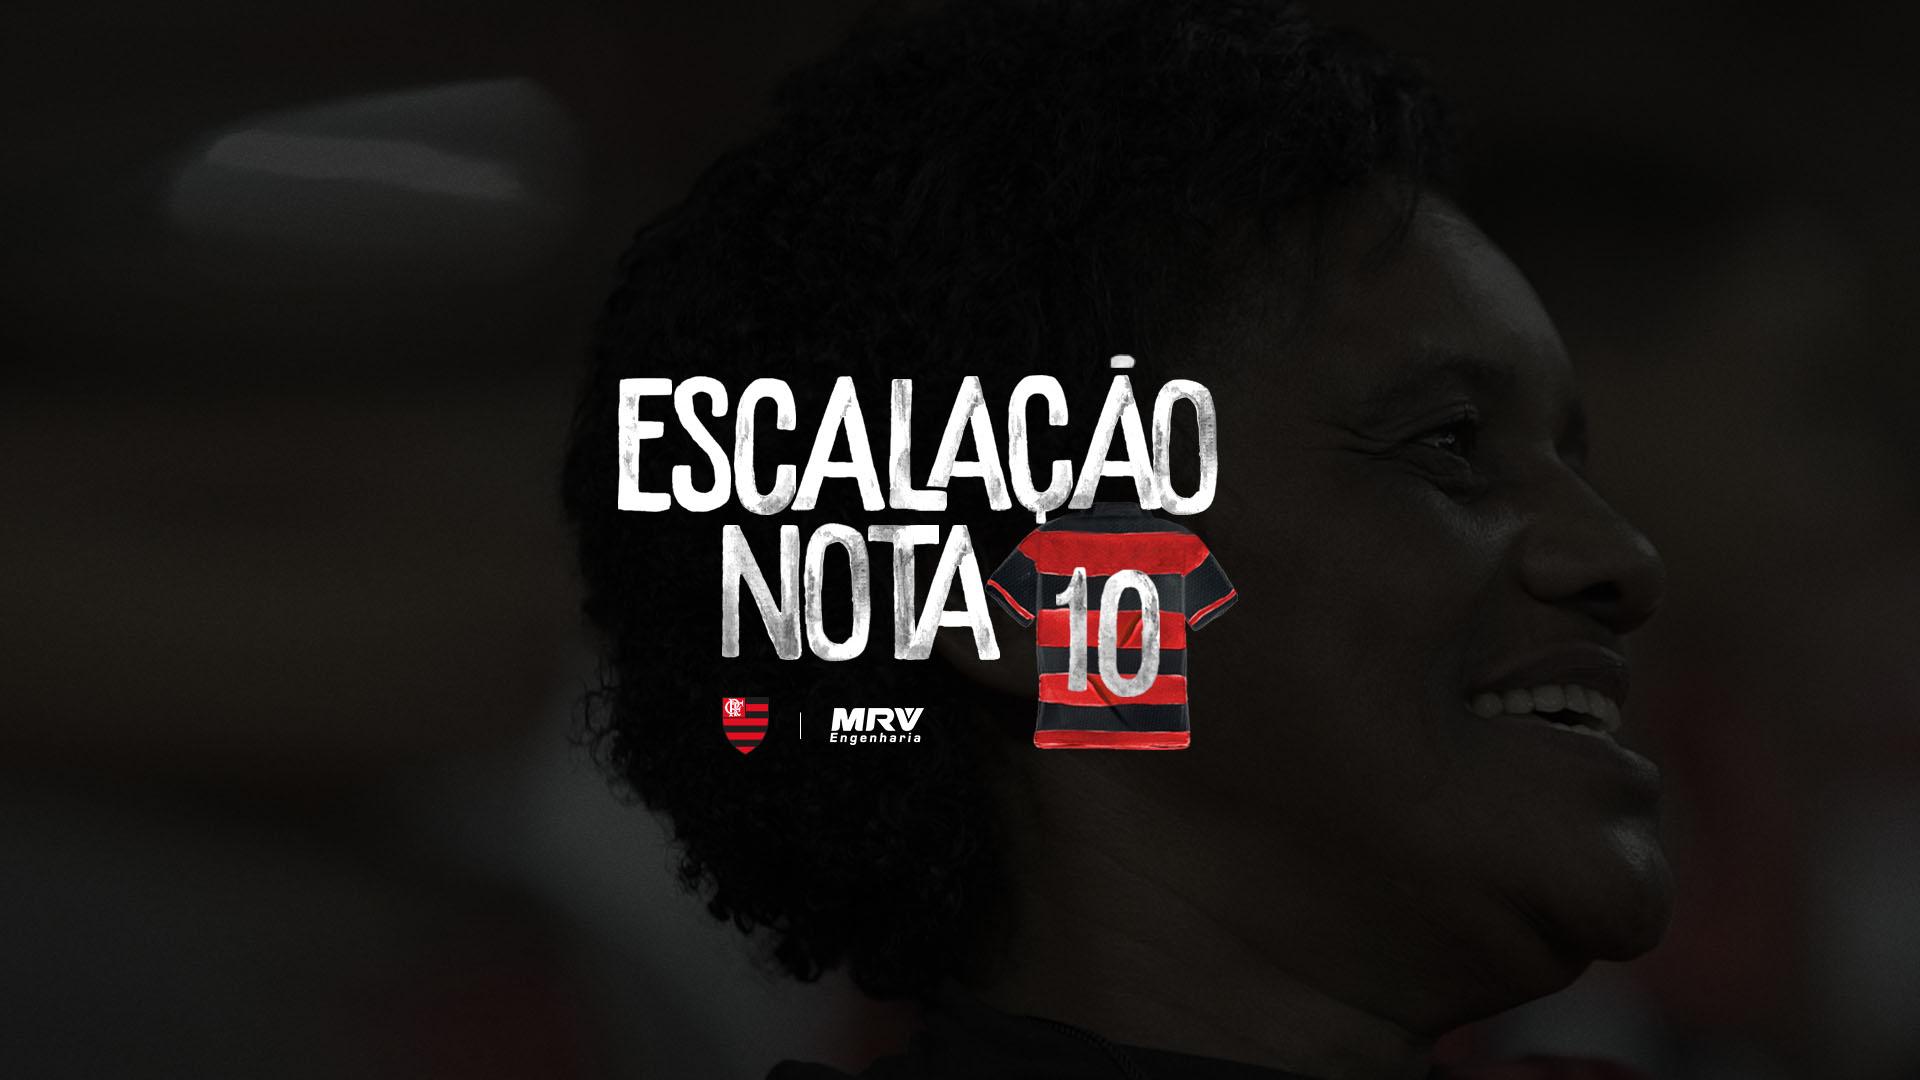 Maria Flamengo Escalação Nota 10